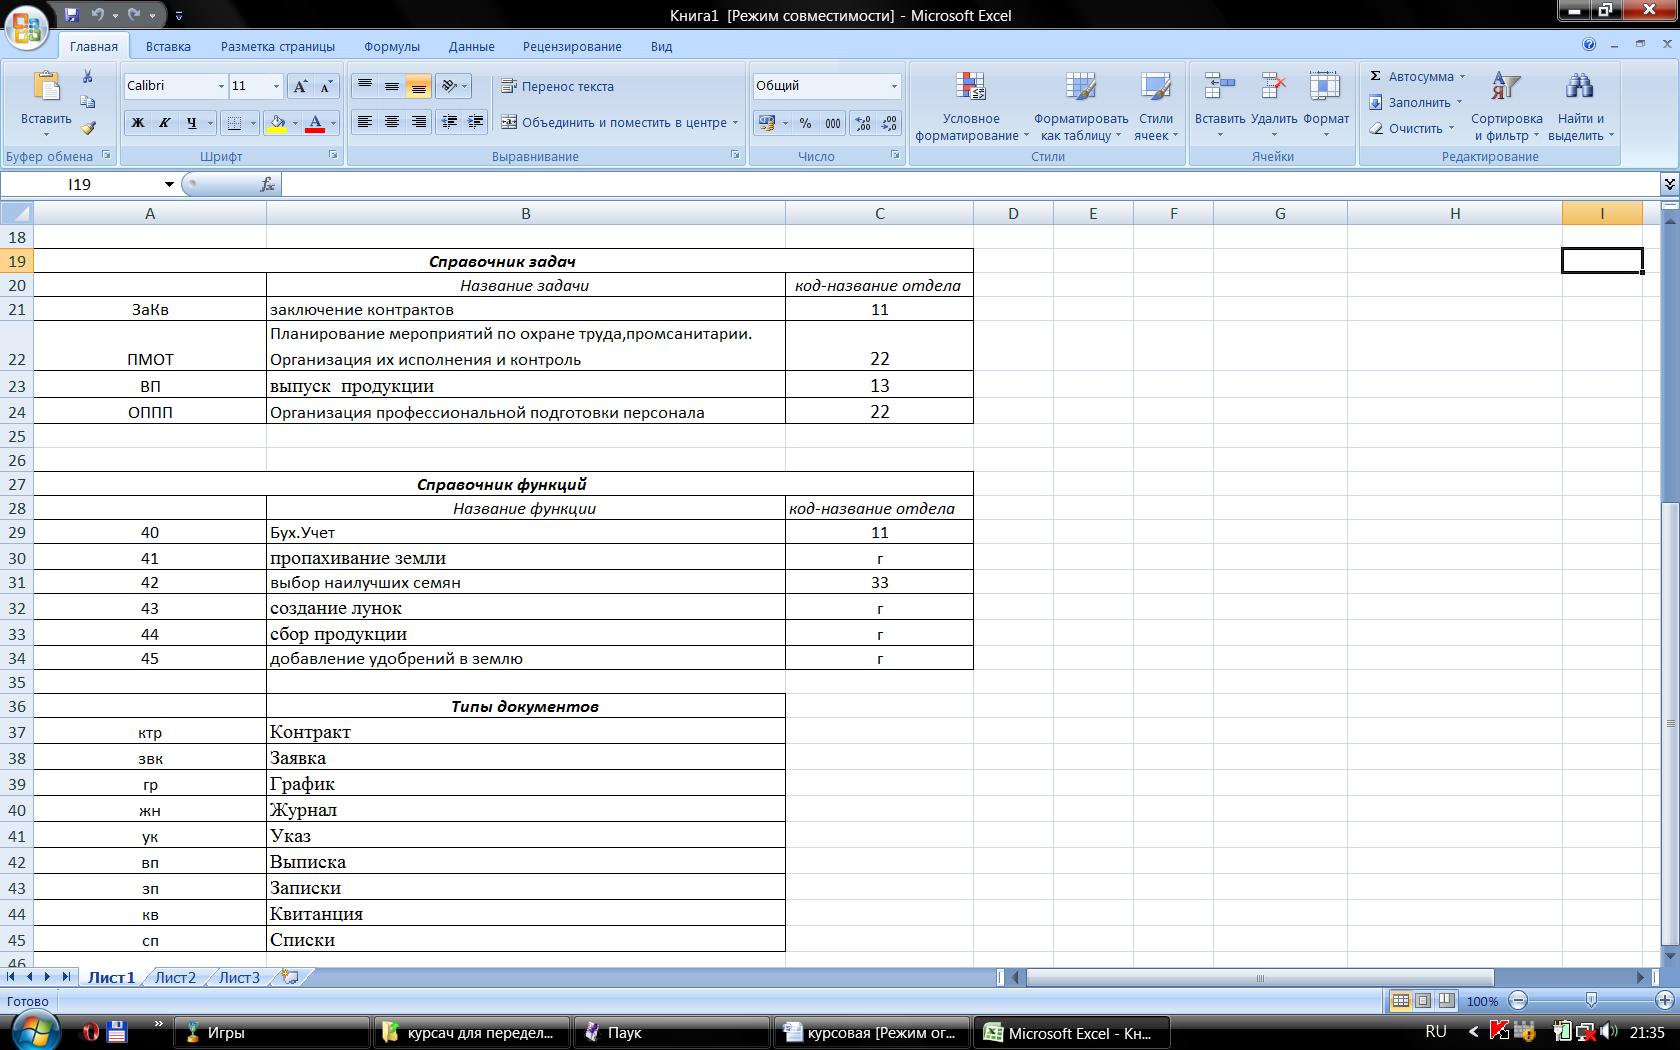 База рефератов Курсовая работа Разработка модели предприятия  Разработка модели предприятия тепличного хозяйства используя методологии проектирования idef0 dfd и idef3